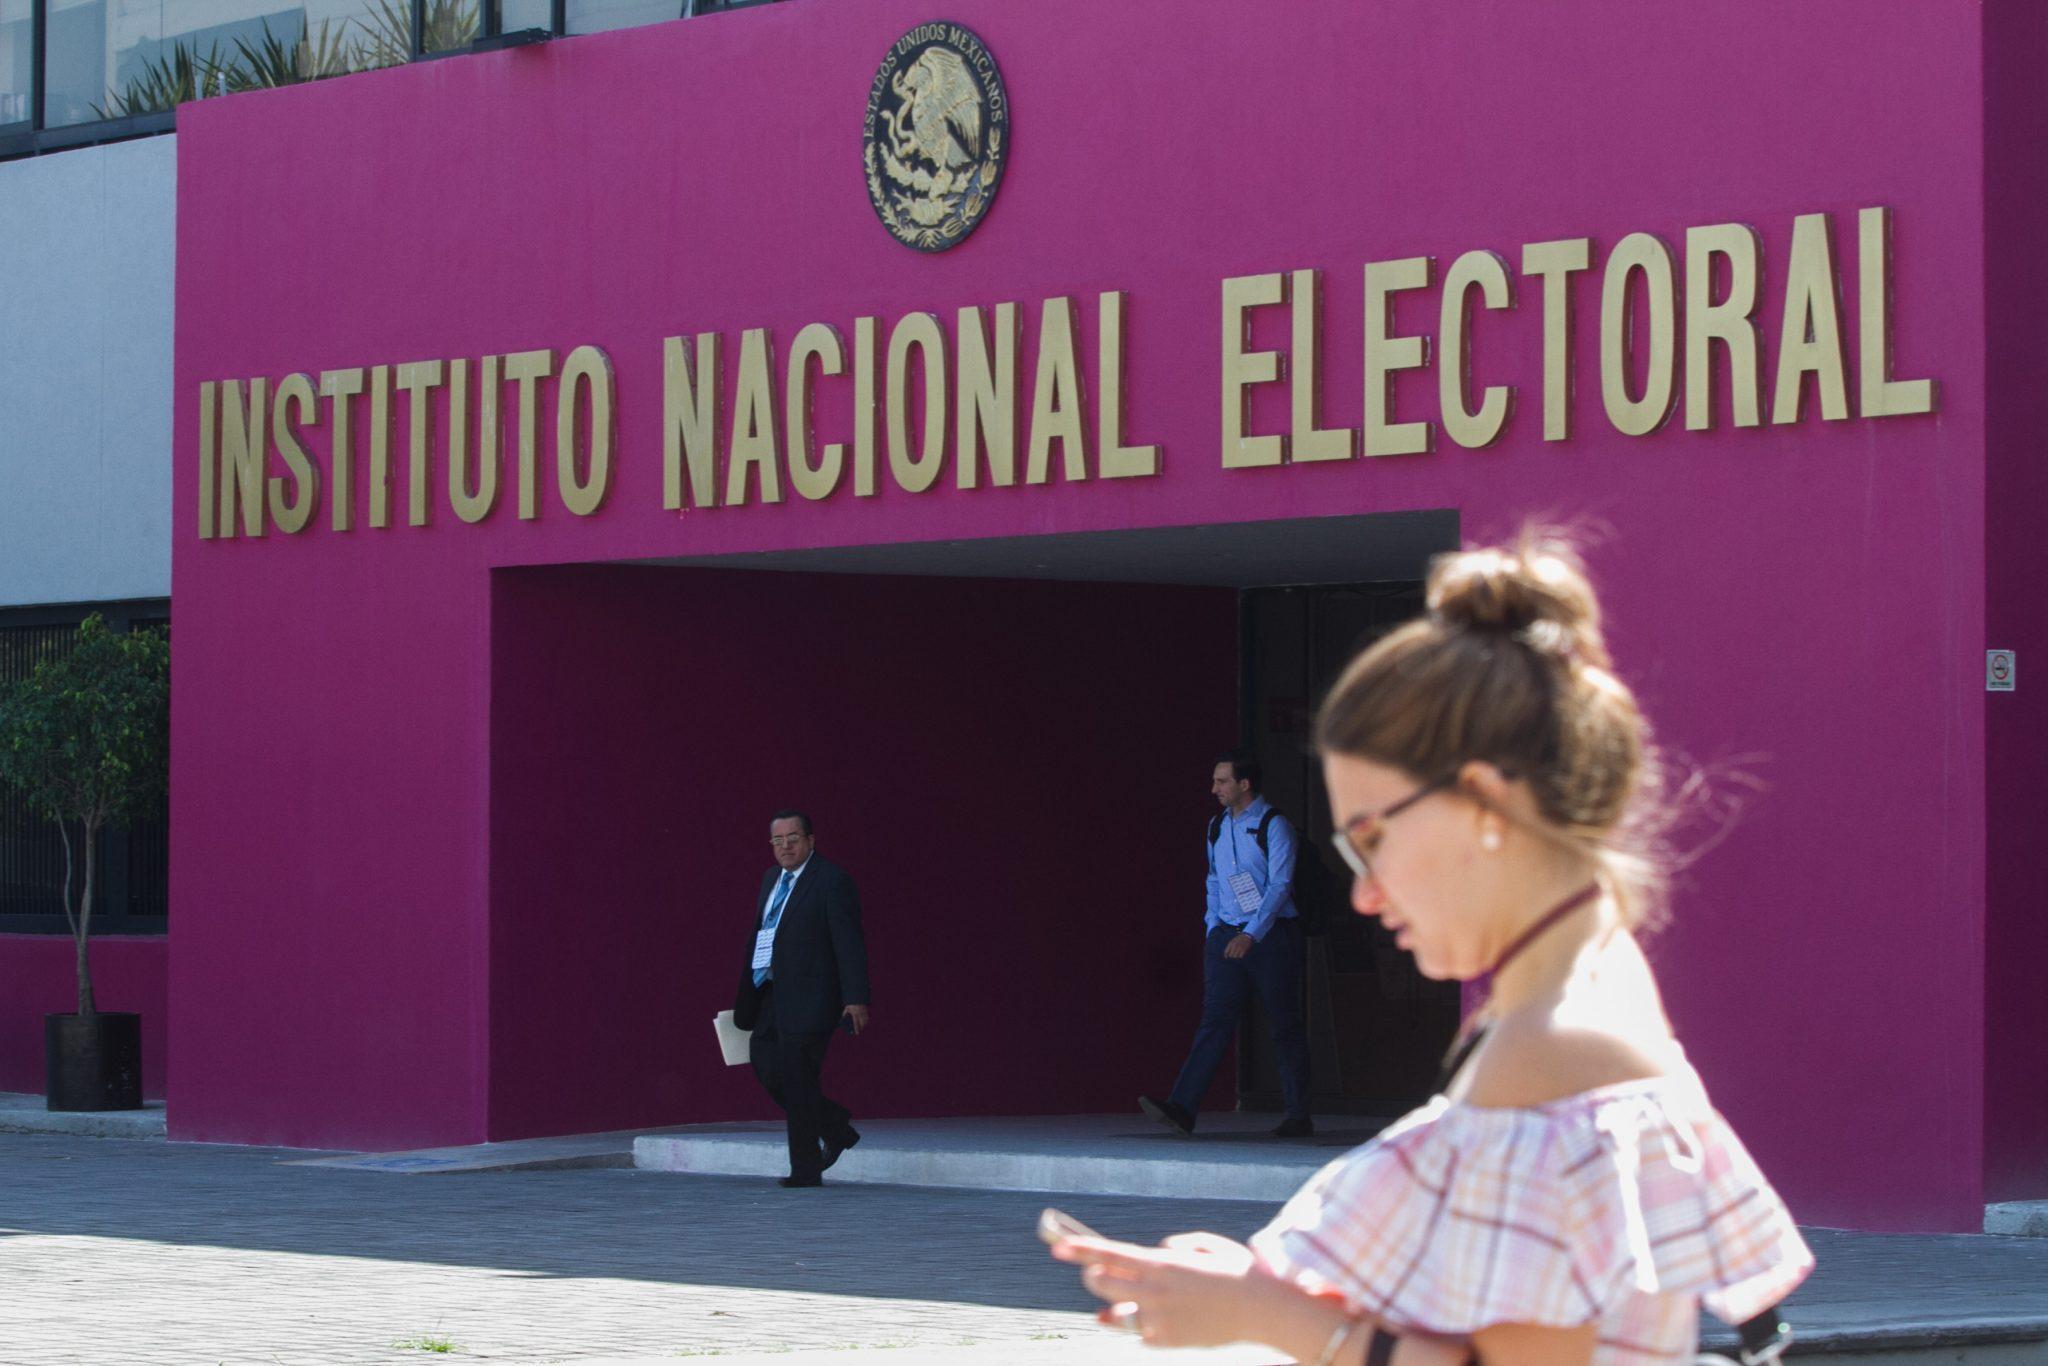 Ya votamos, ¿qué sigue en el proceso electoral para los próximos meses? Estas son las fechas clave